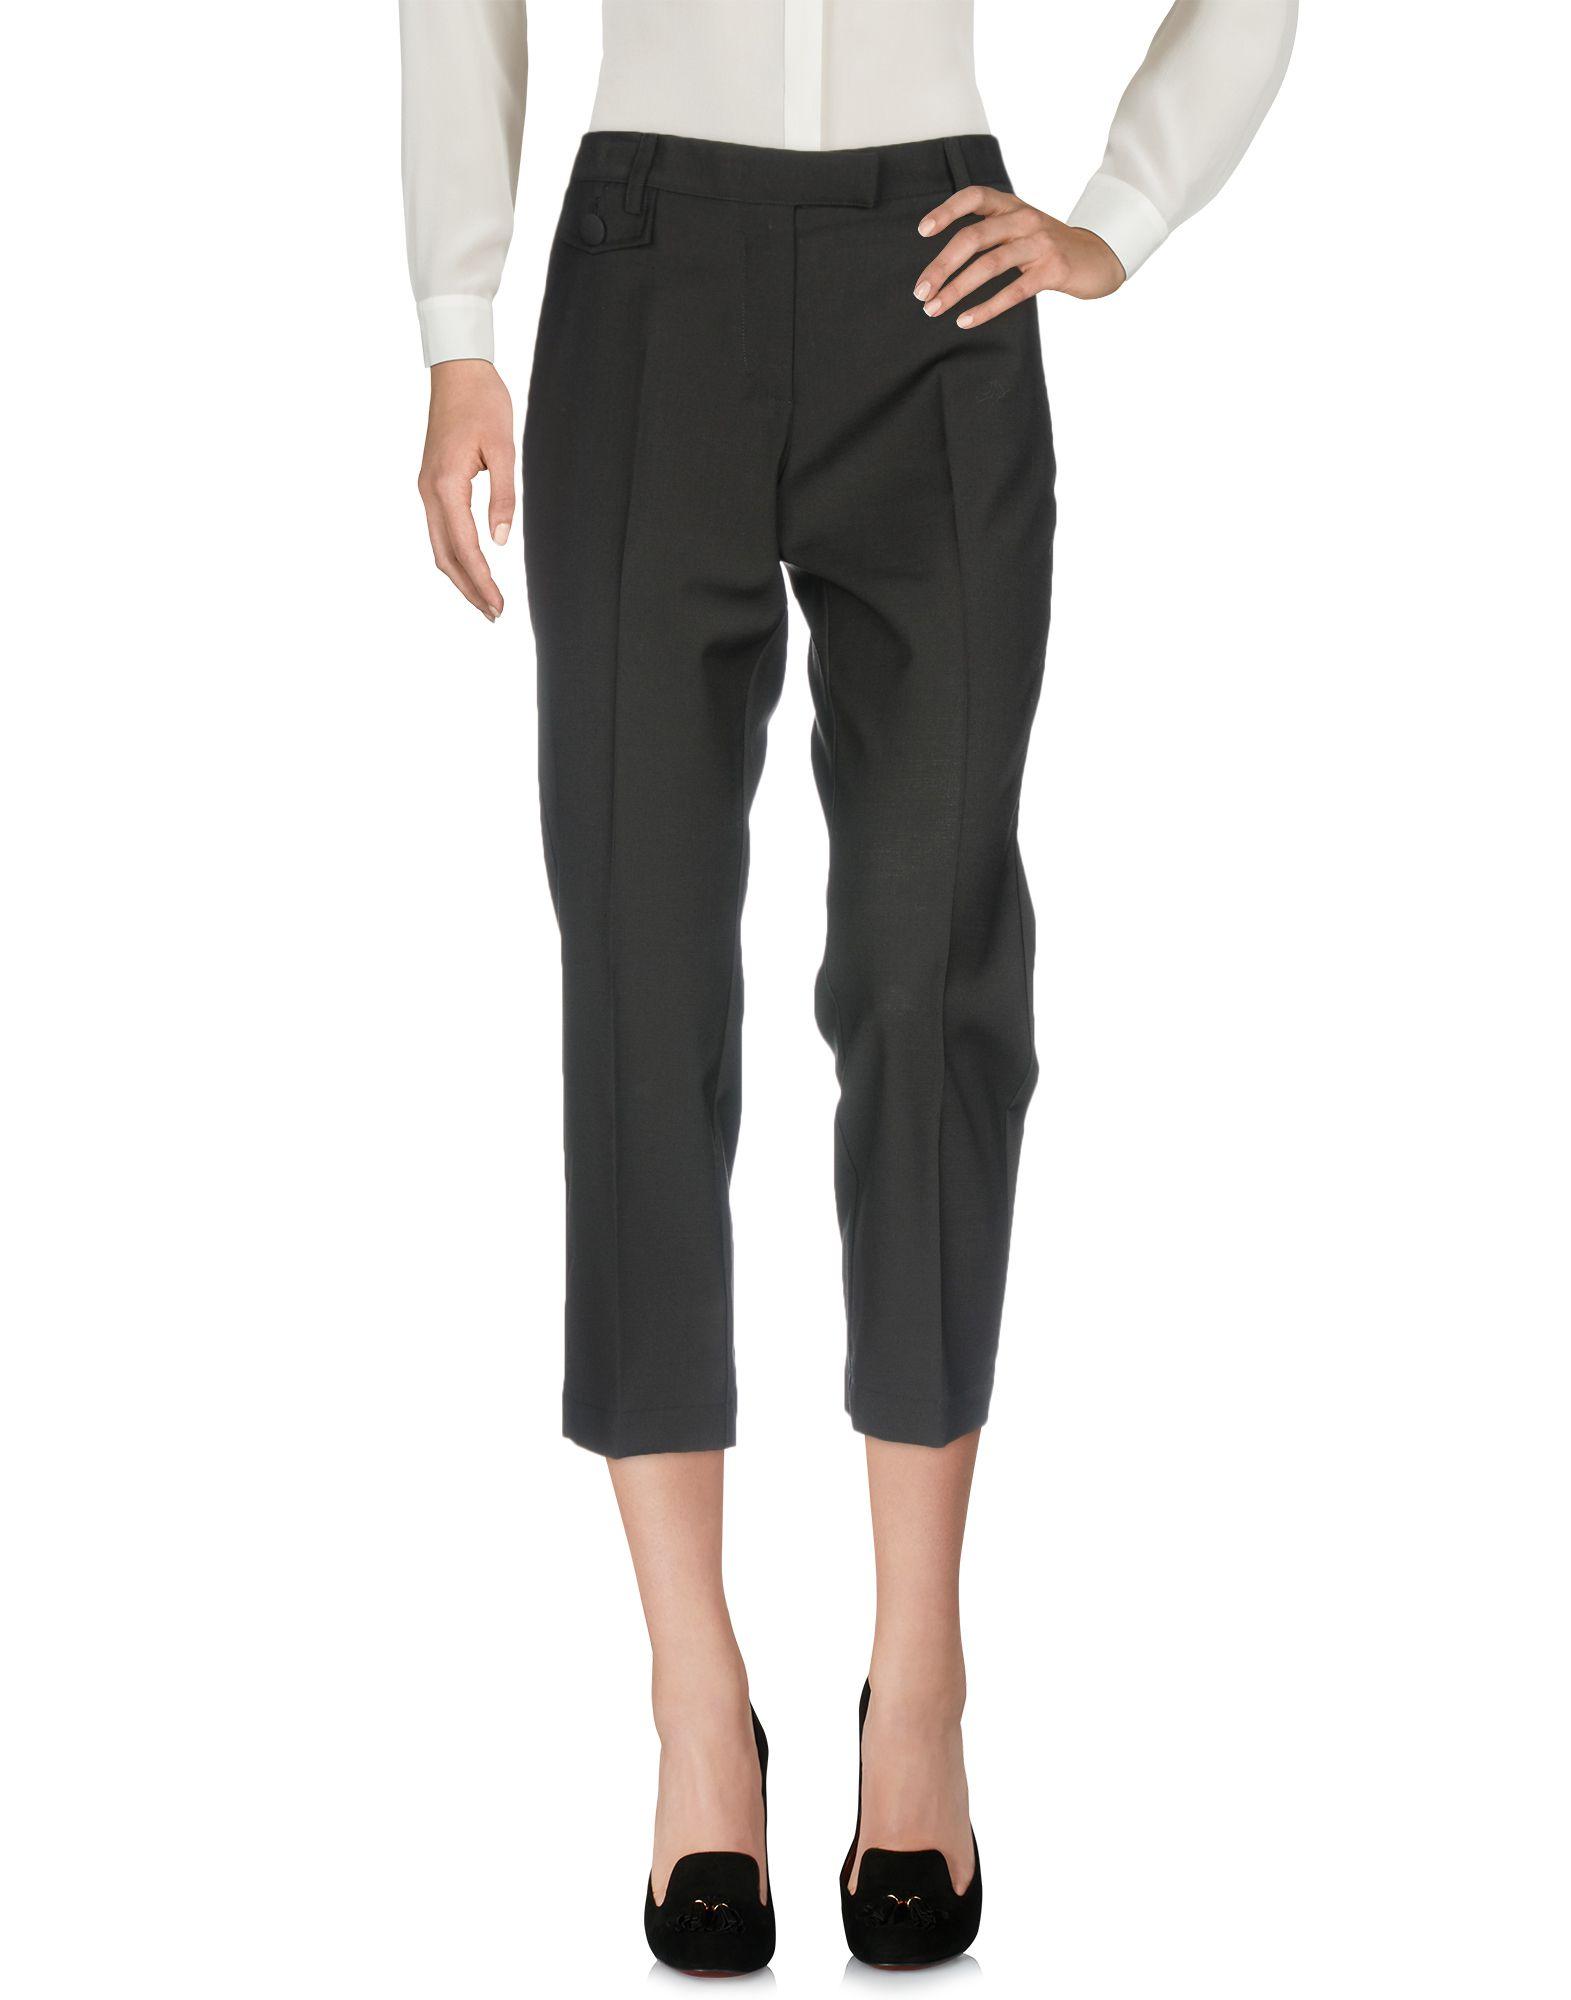 Pantalone Pantalone Pantalone Semicouture donna - 13182184NS 247